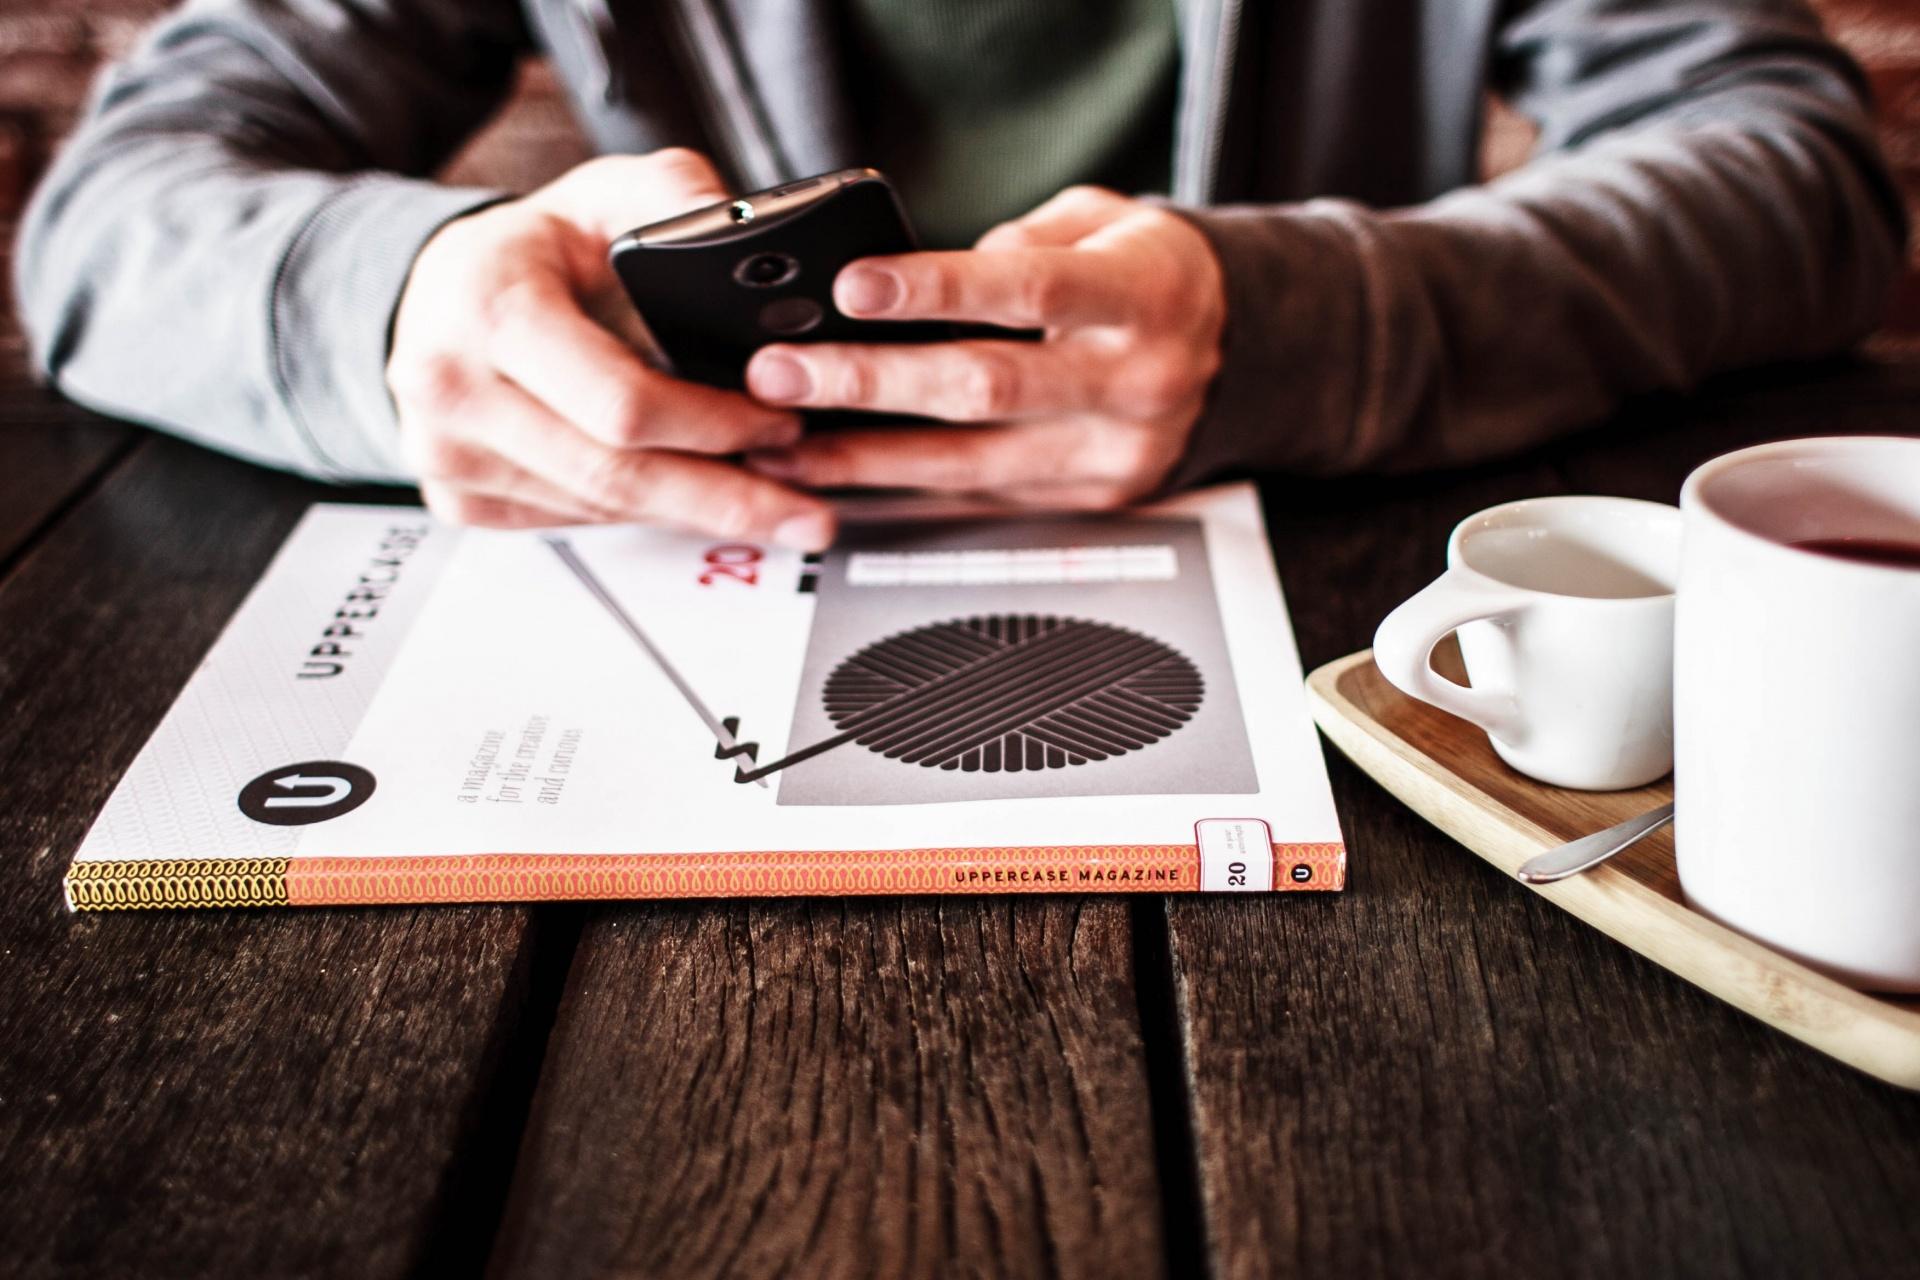 homme-cafe-et-smartphone.jpg